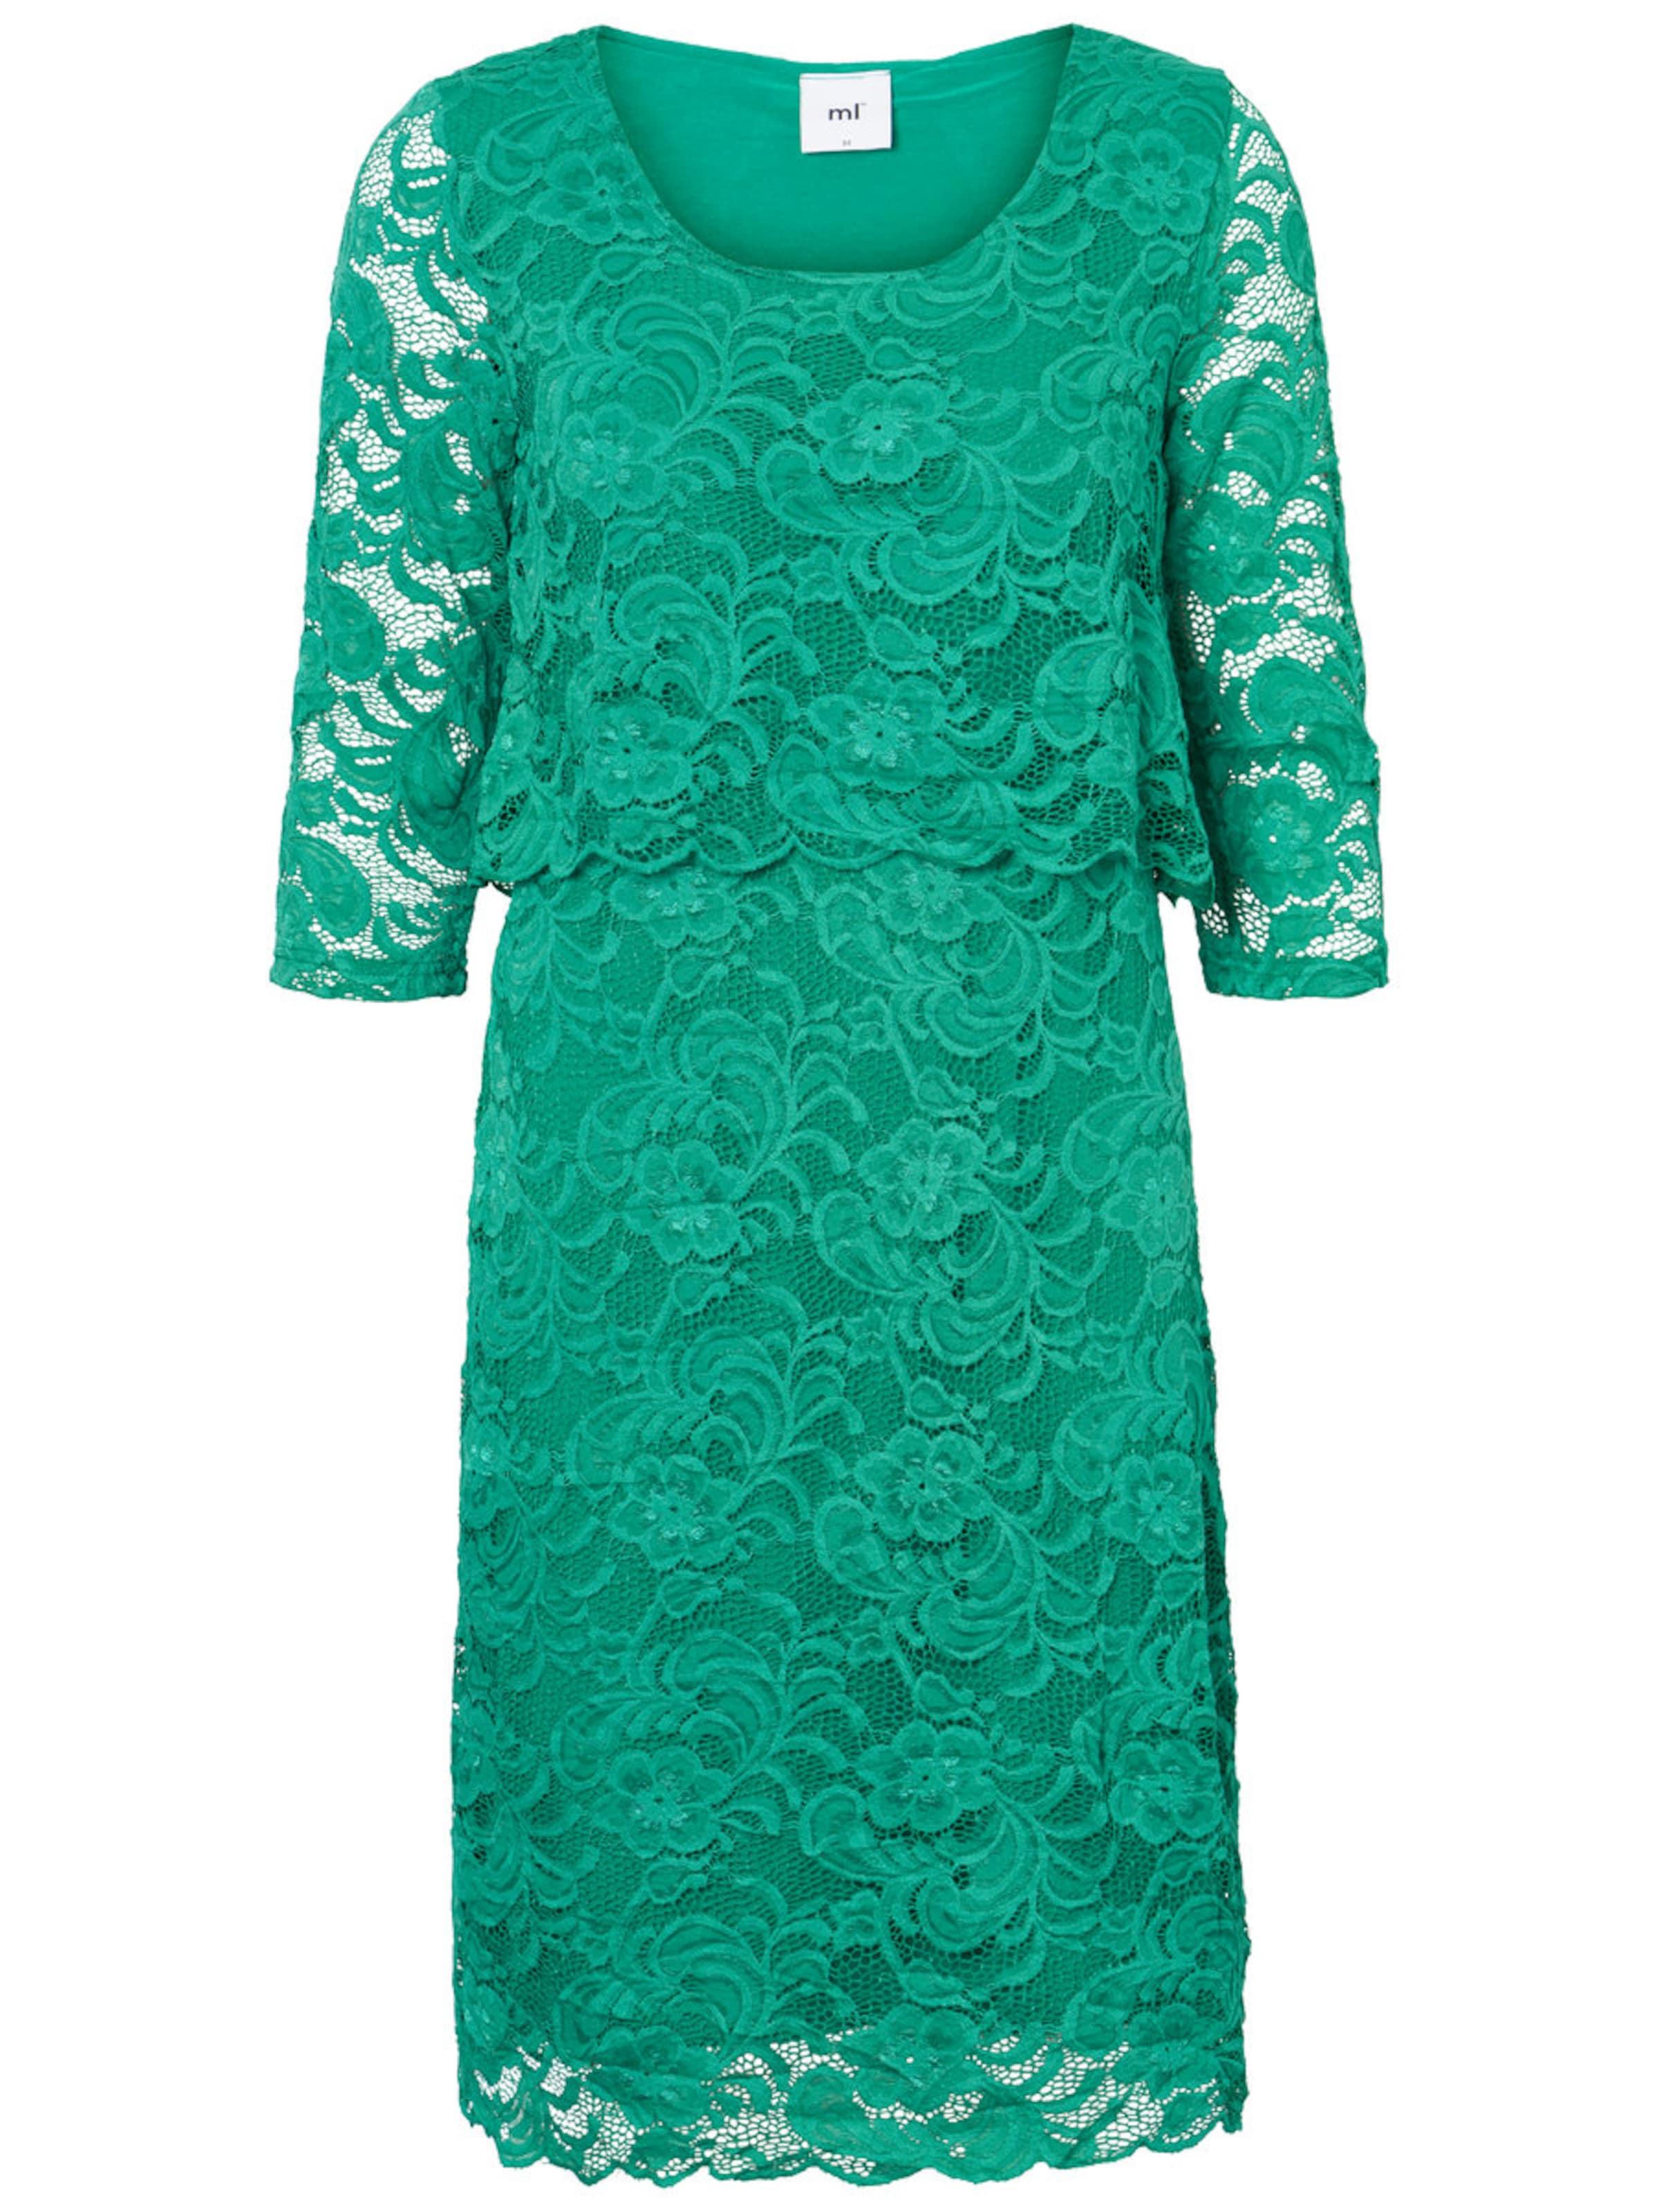 Robe Vert Robe Mamalicious En Mamalicious Robe Mamalicious En Vert nOmwvN0y8